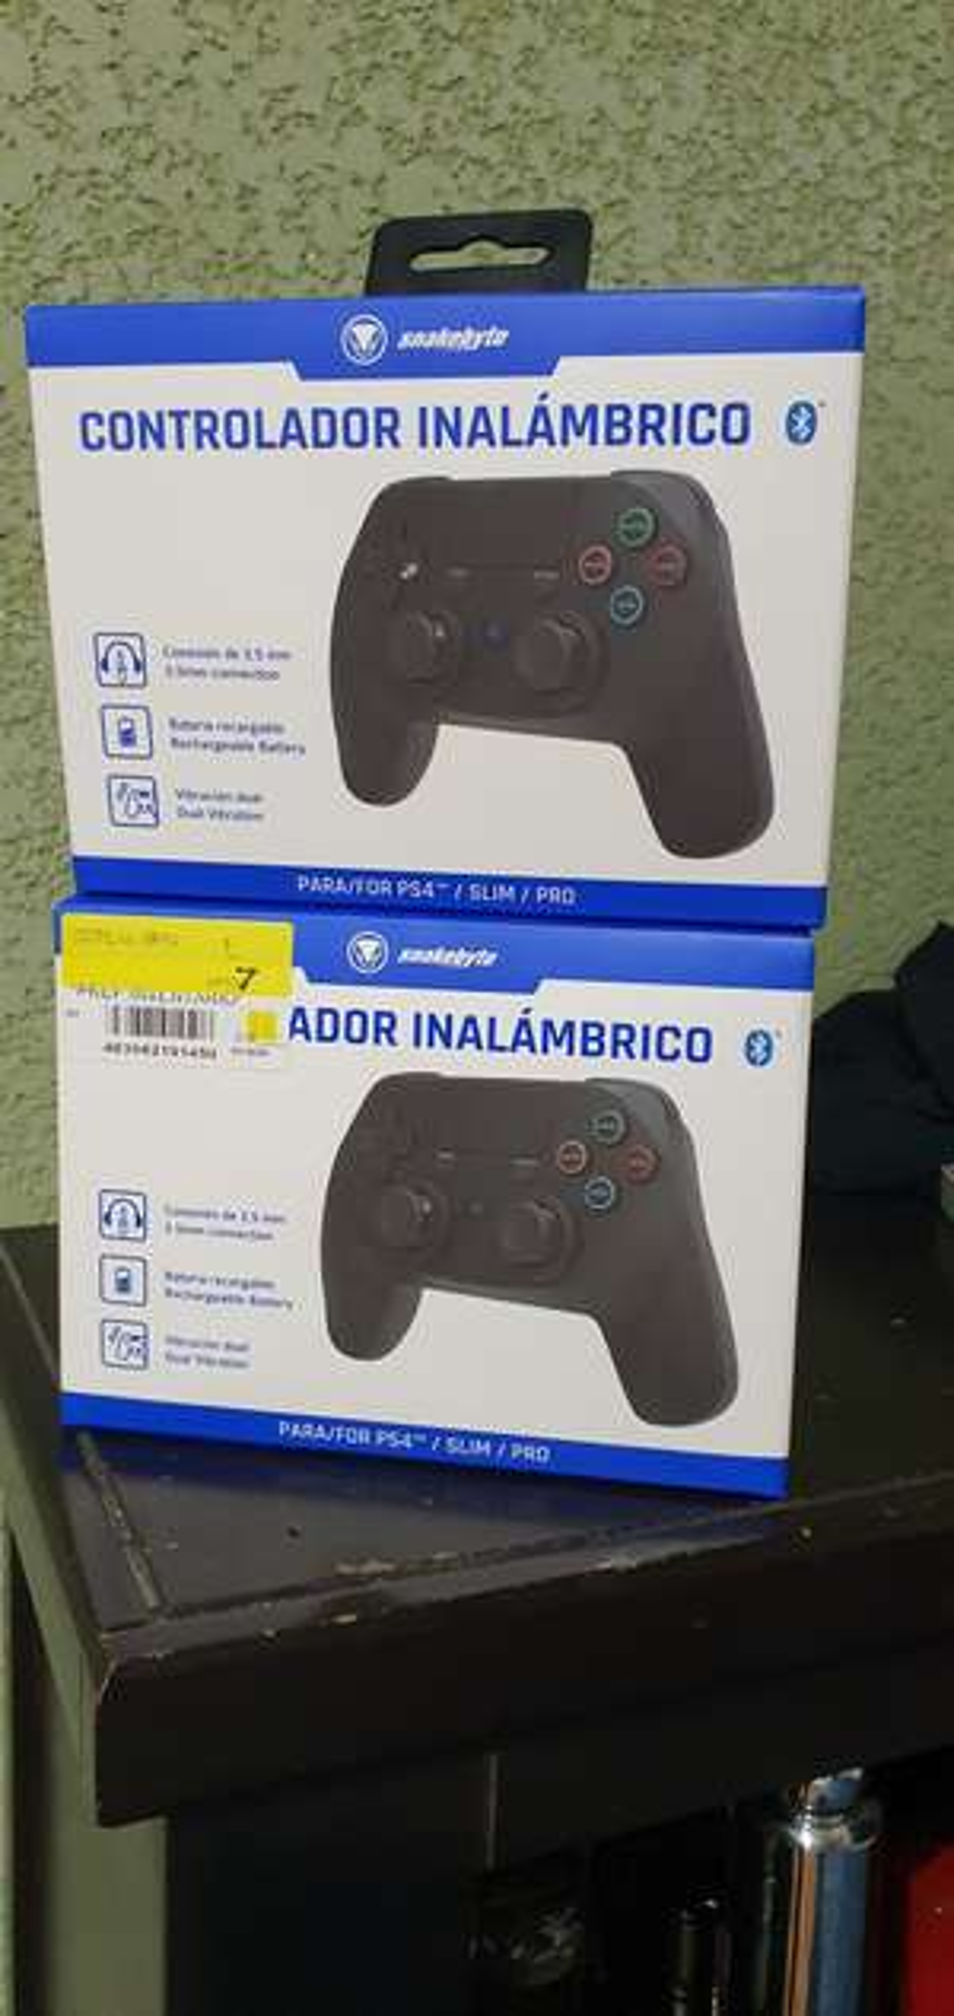 Control generico Ps4 Walmart